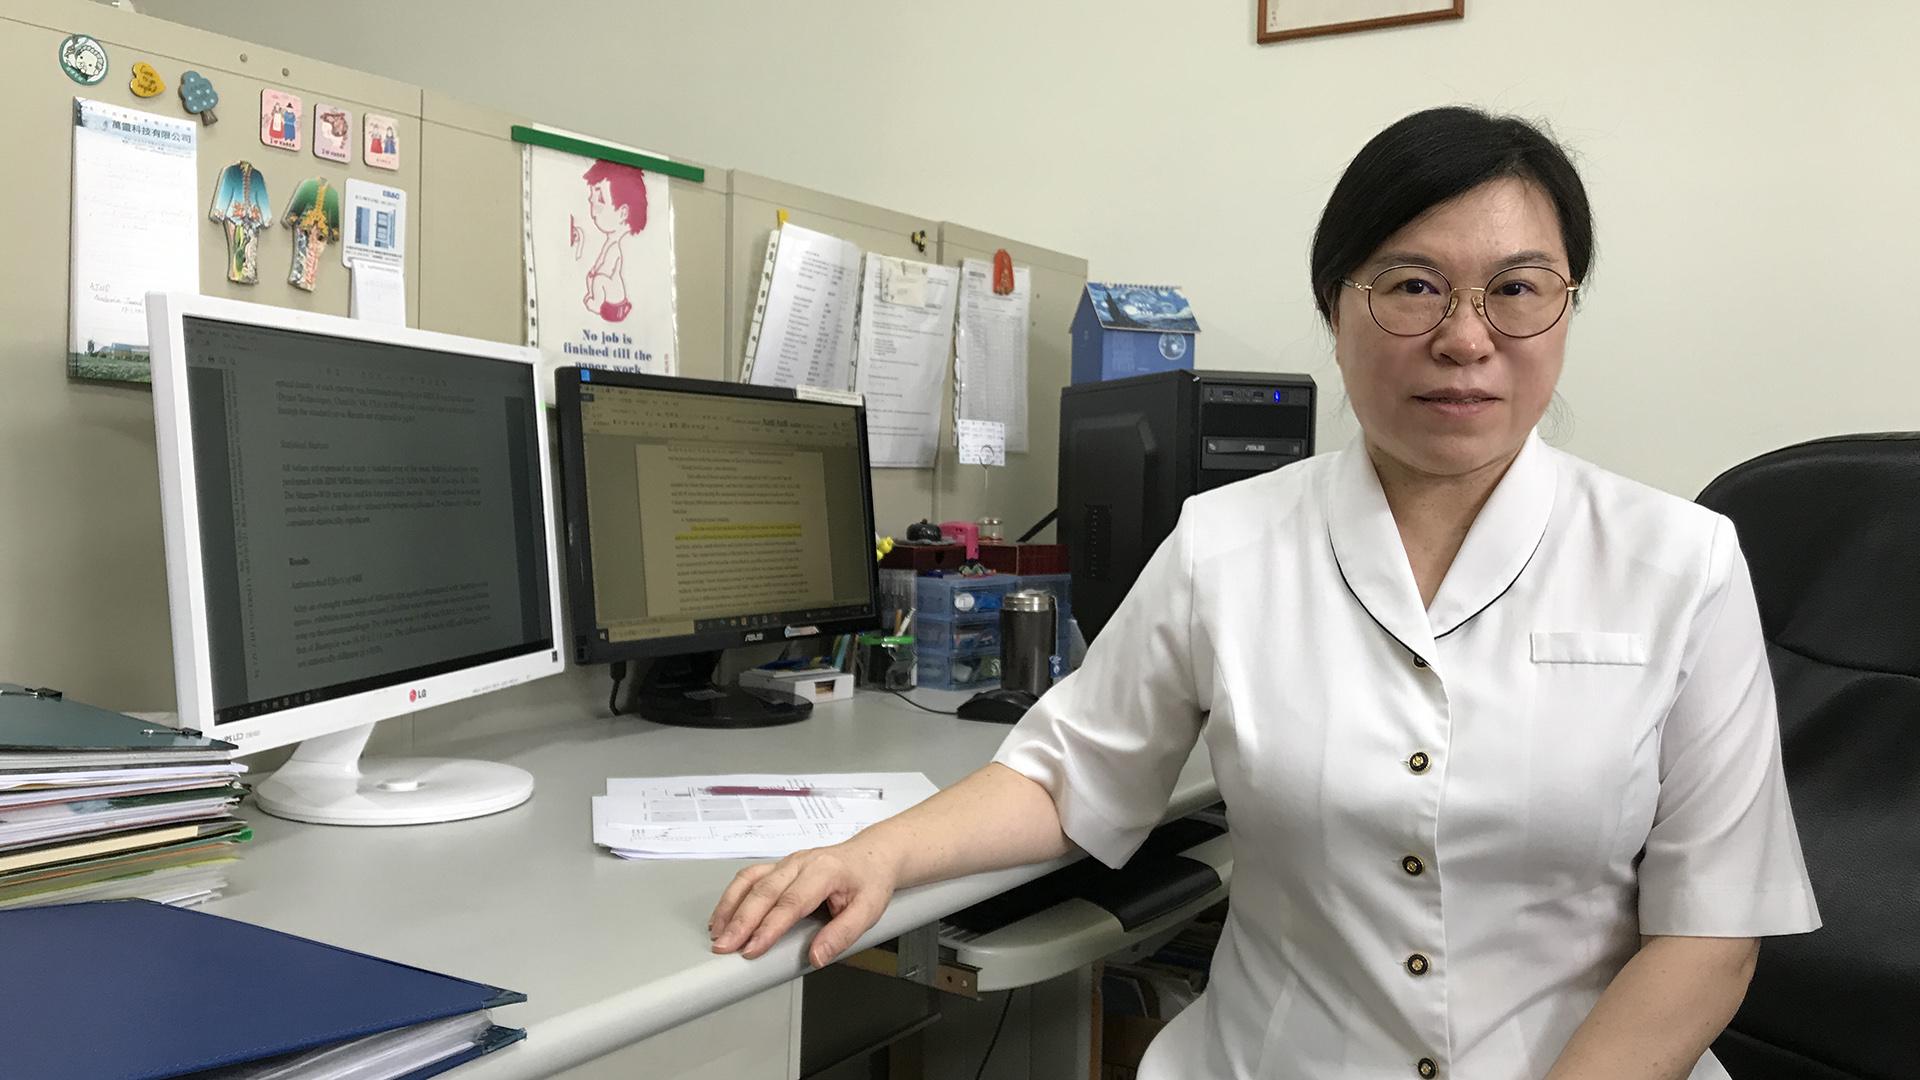 慈濟大學醫學科學研究所的李茹萍老師